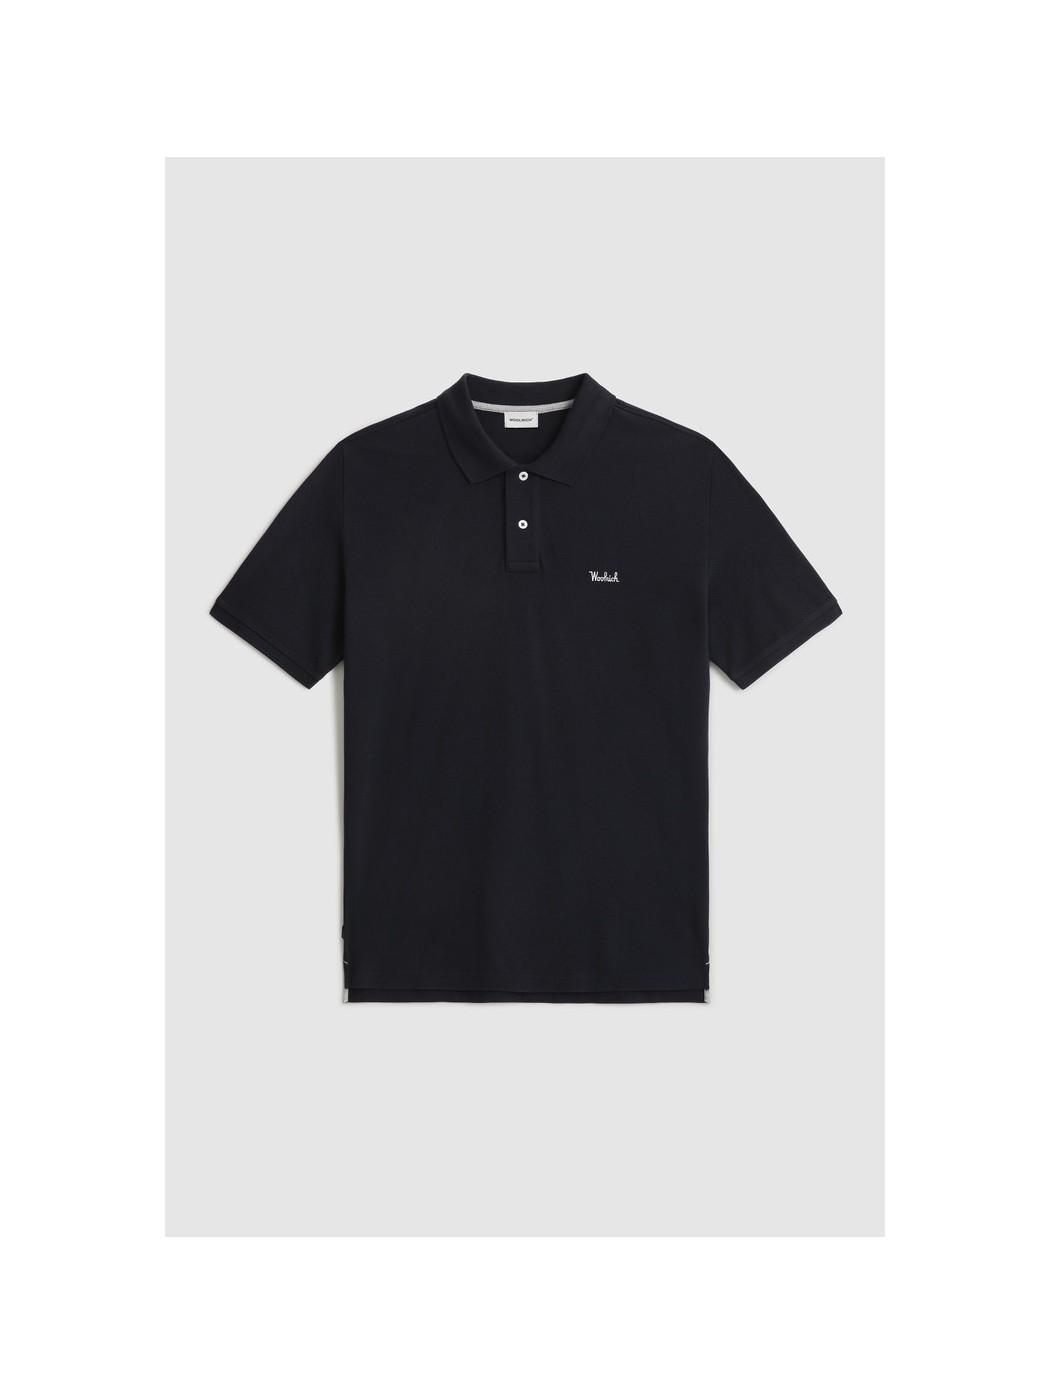 Polo Classic in cotone piqu' WOOLRICH WOPO0027MRUT2555 3989